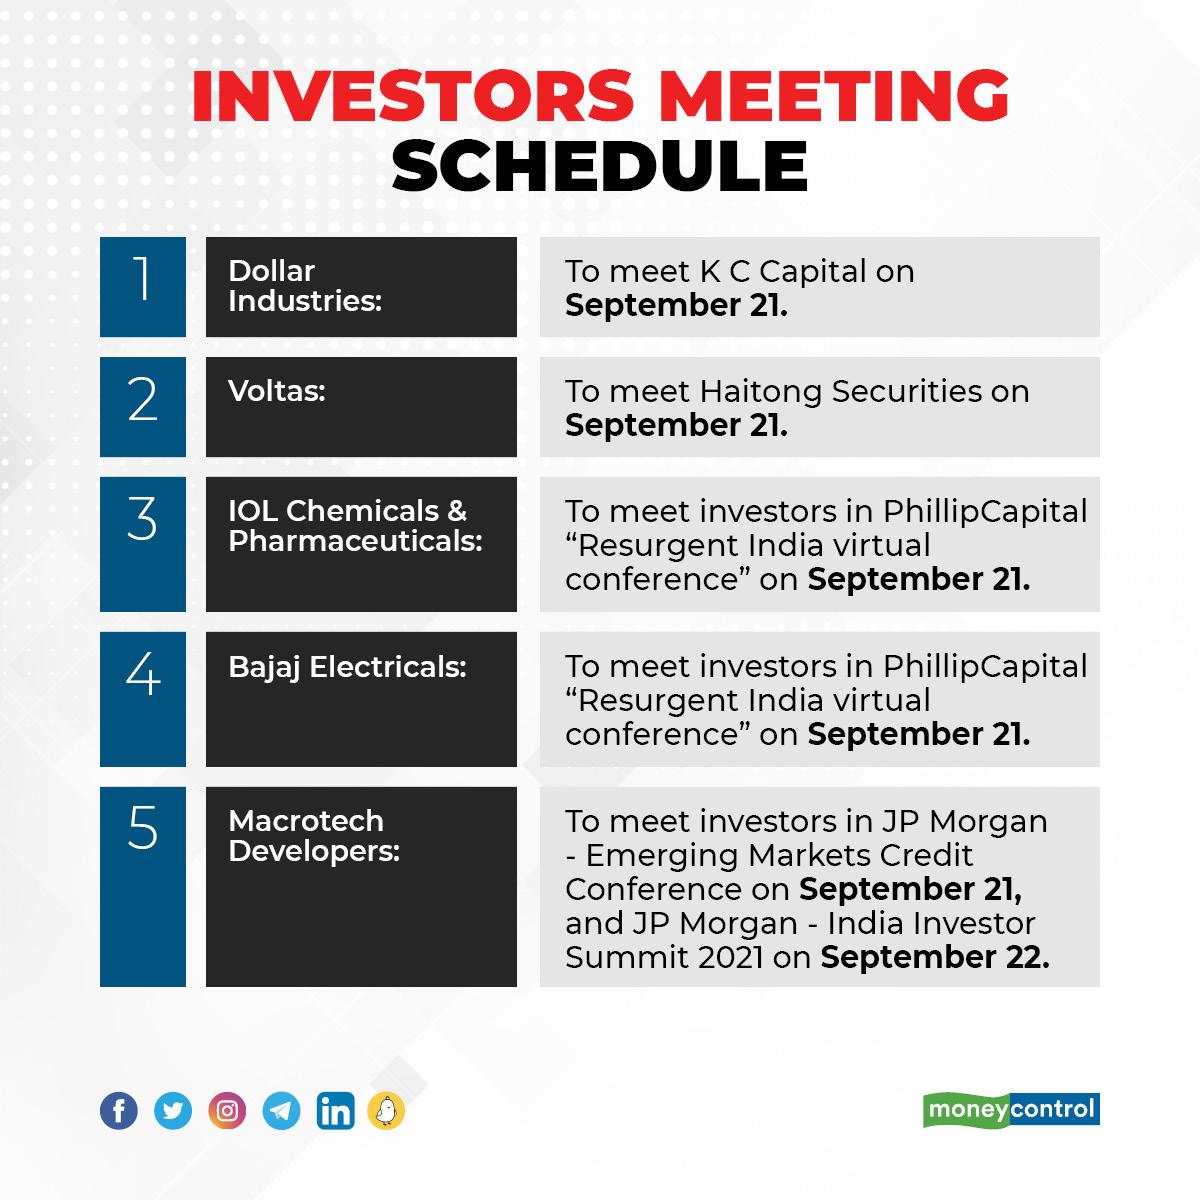 Investors Meeting Schedule: